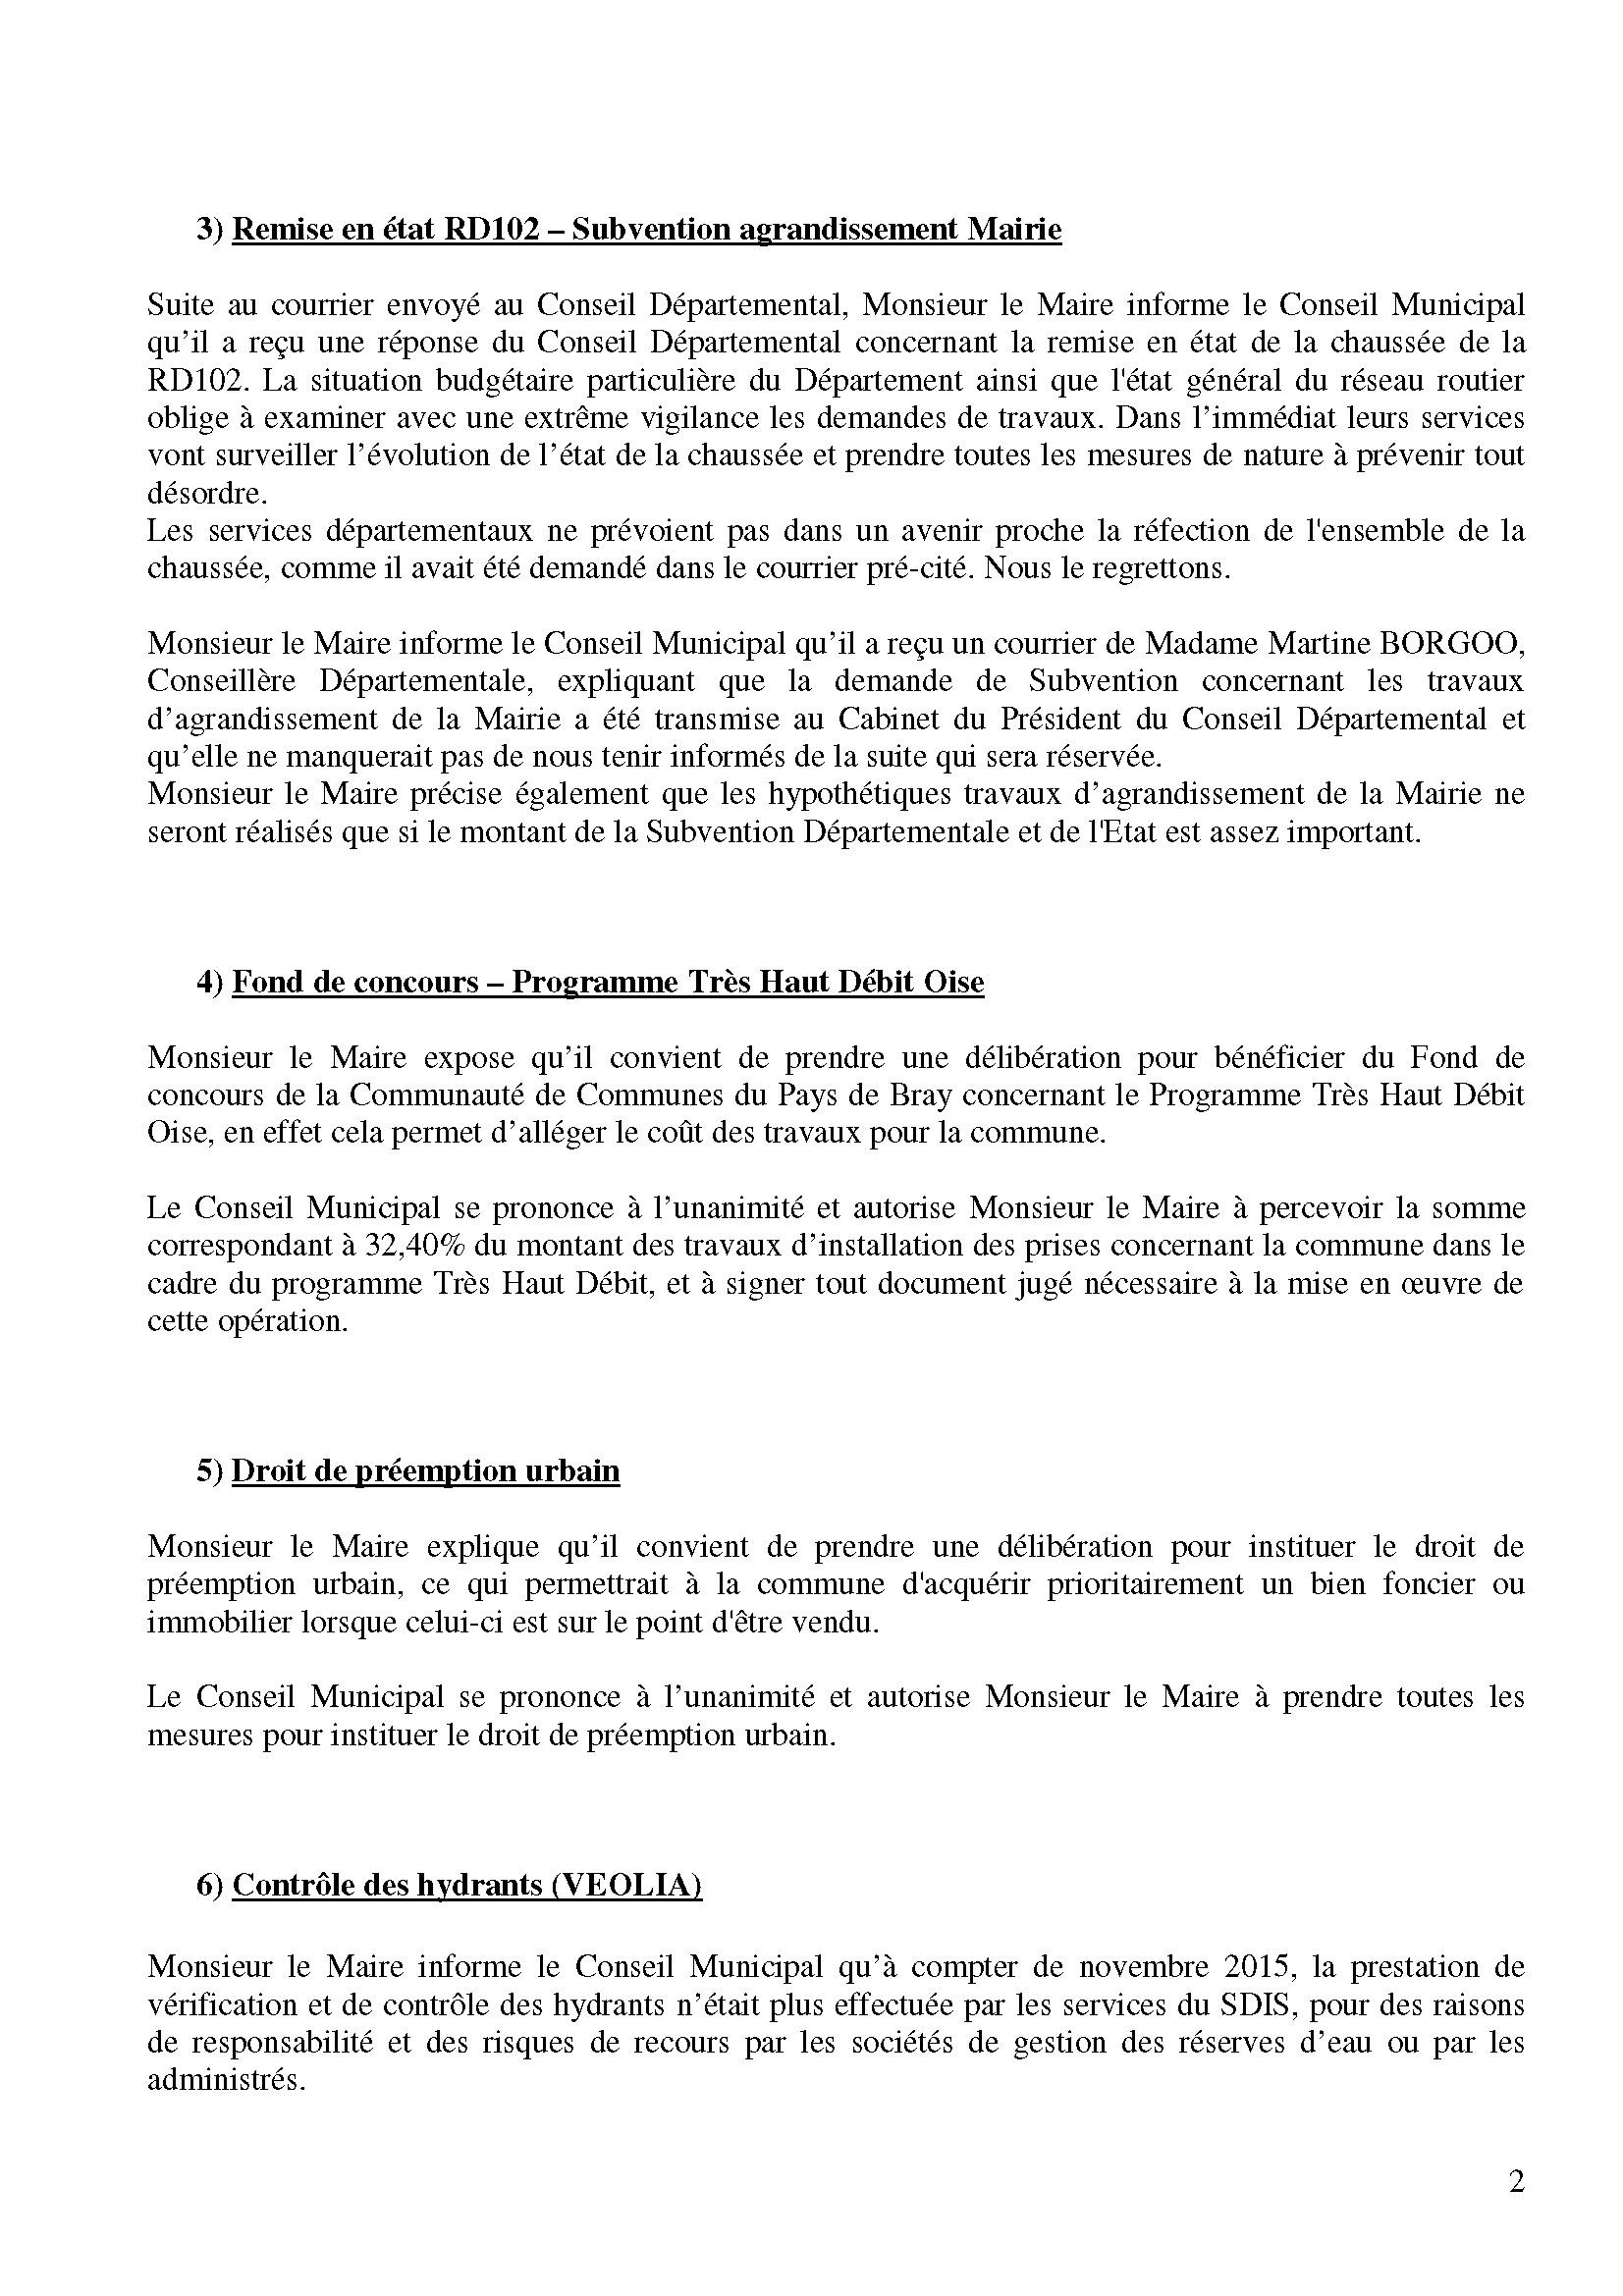 cr-du-08012016-page-2